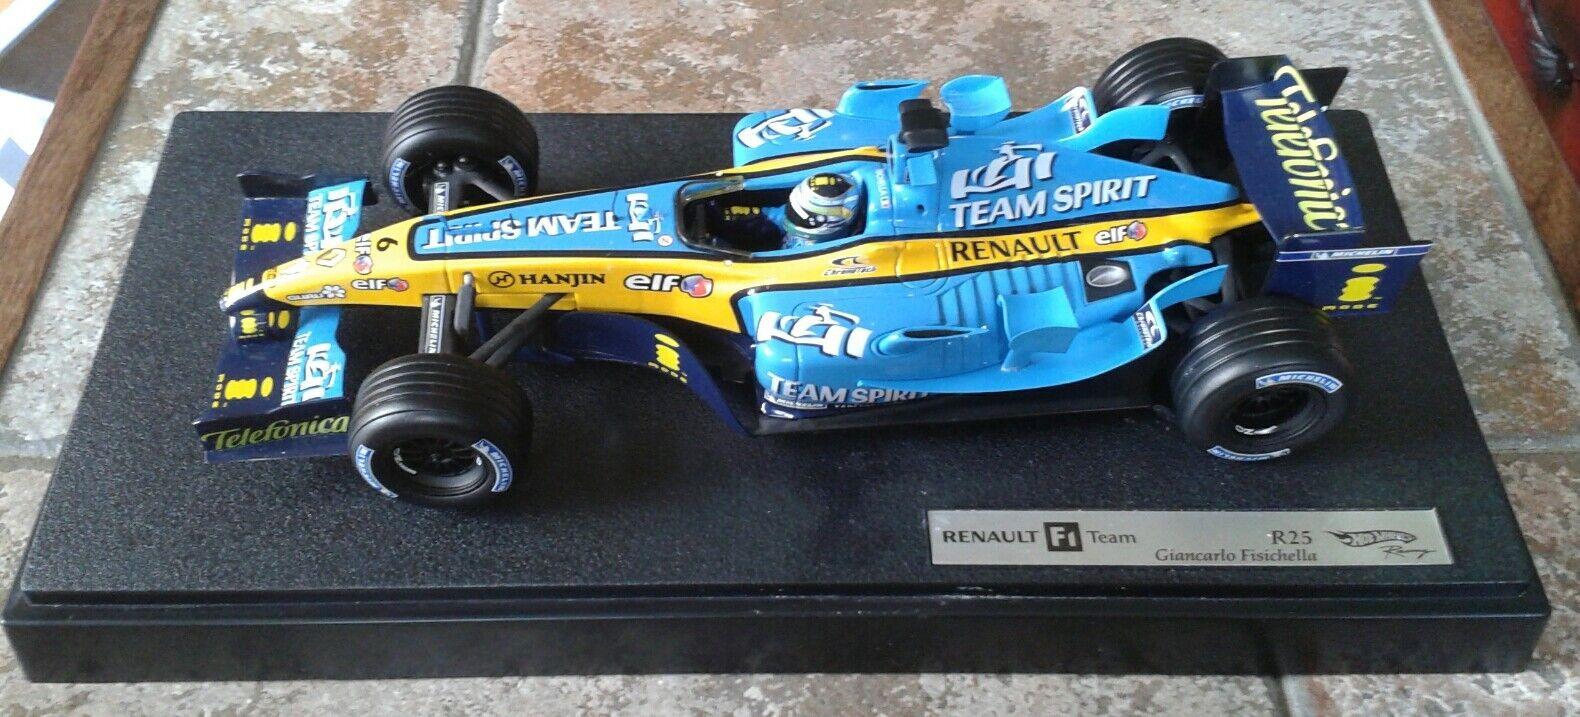 prodotto di qualità Caliente ruedaS F1 RACING RENAULT RENAULT RENAULT R25 Fisichella Scala 1 18 modellololo in scatola  varie dimensioni